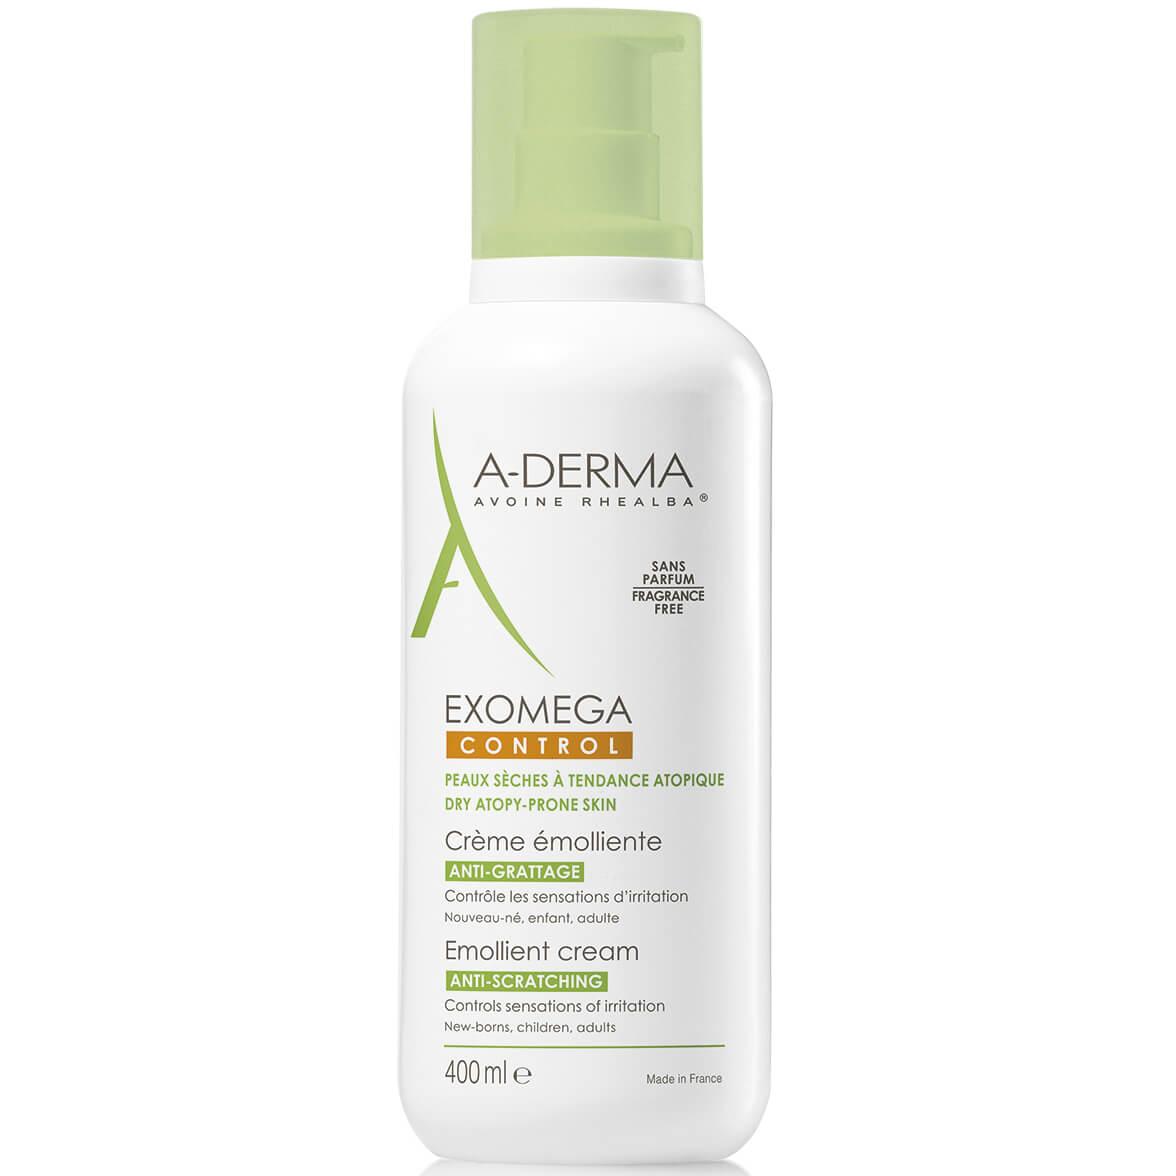 A-Derma Exomega Control Creme Emolliente Μαλακτική Καταπραϋντική Κρέμα για το Αίσθημα του Κνησμού, στο Ξηρό Δέρμα 400ml